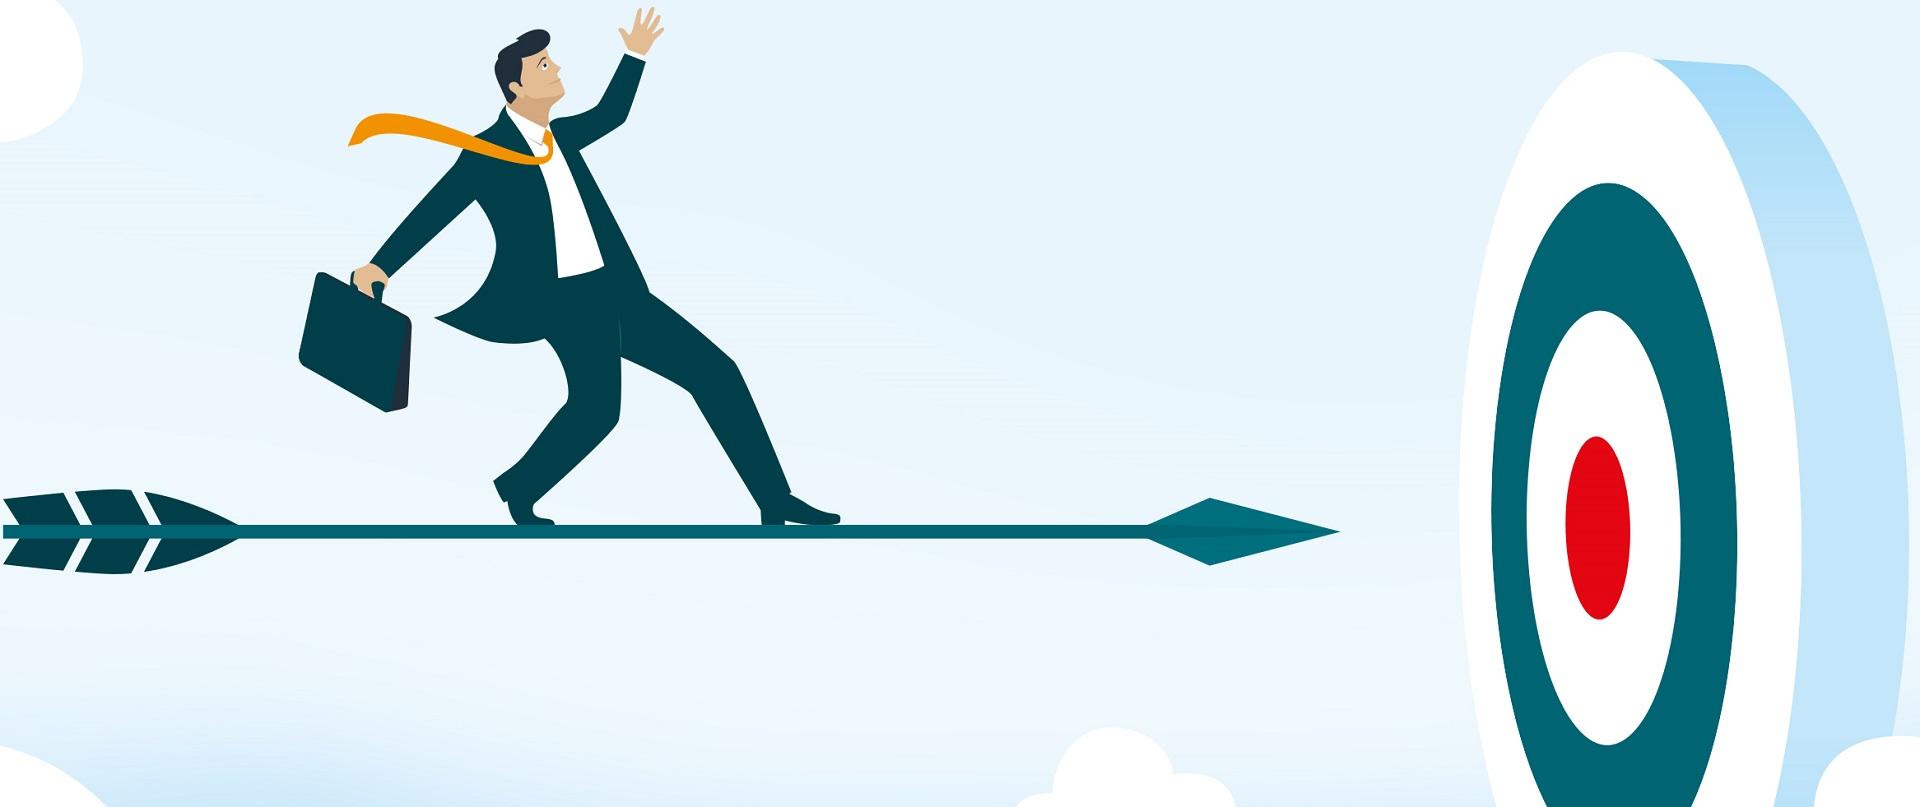 Kinh nghiệm chốt sale hiệu quả cho nhân viên kinh doanh